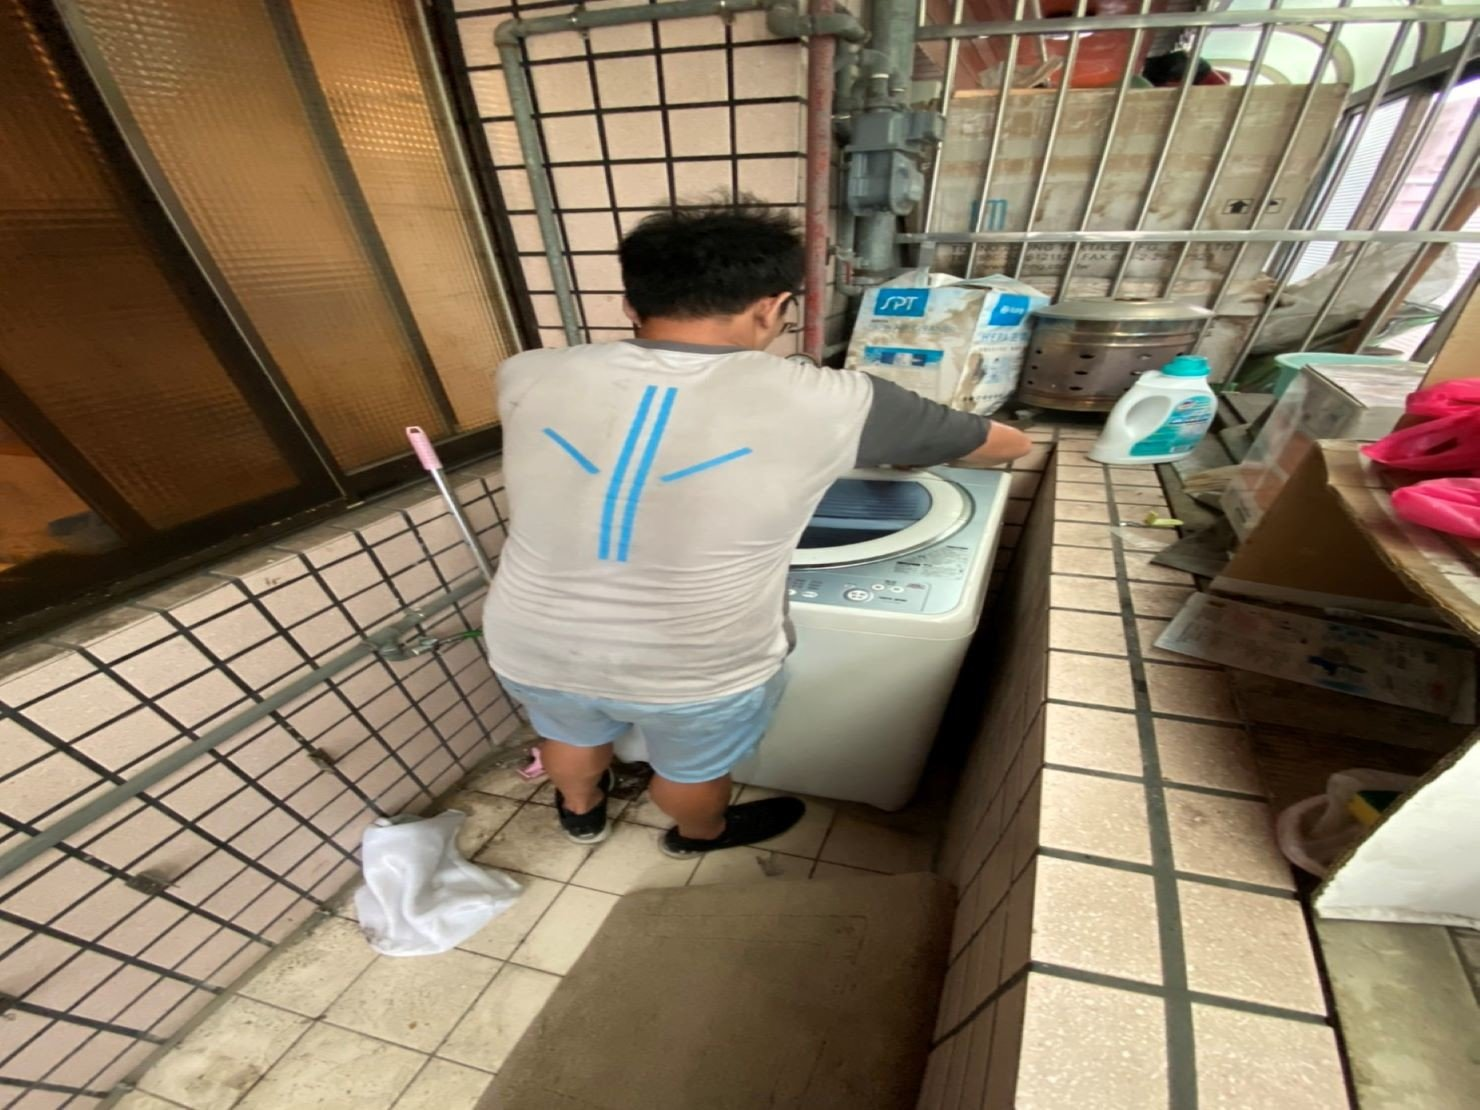 搬家【榮福搬家】台北搬家、南港搬家、口碑第一、台北搬家推薦:分區打包-陽台區洗衣機就交給搬家首選的榮福搬家處理